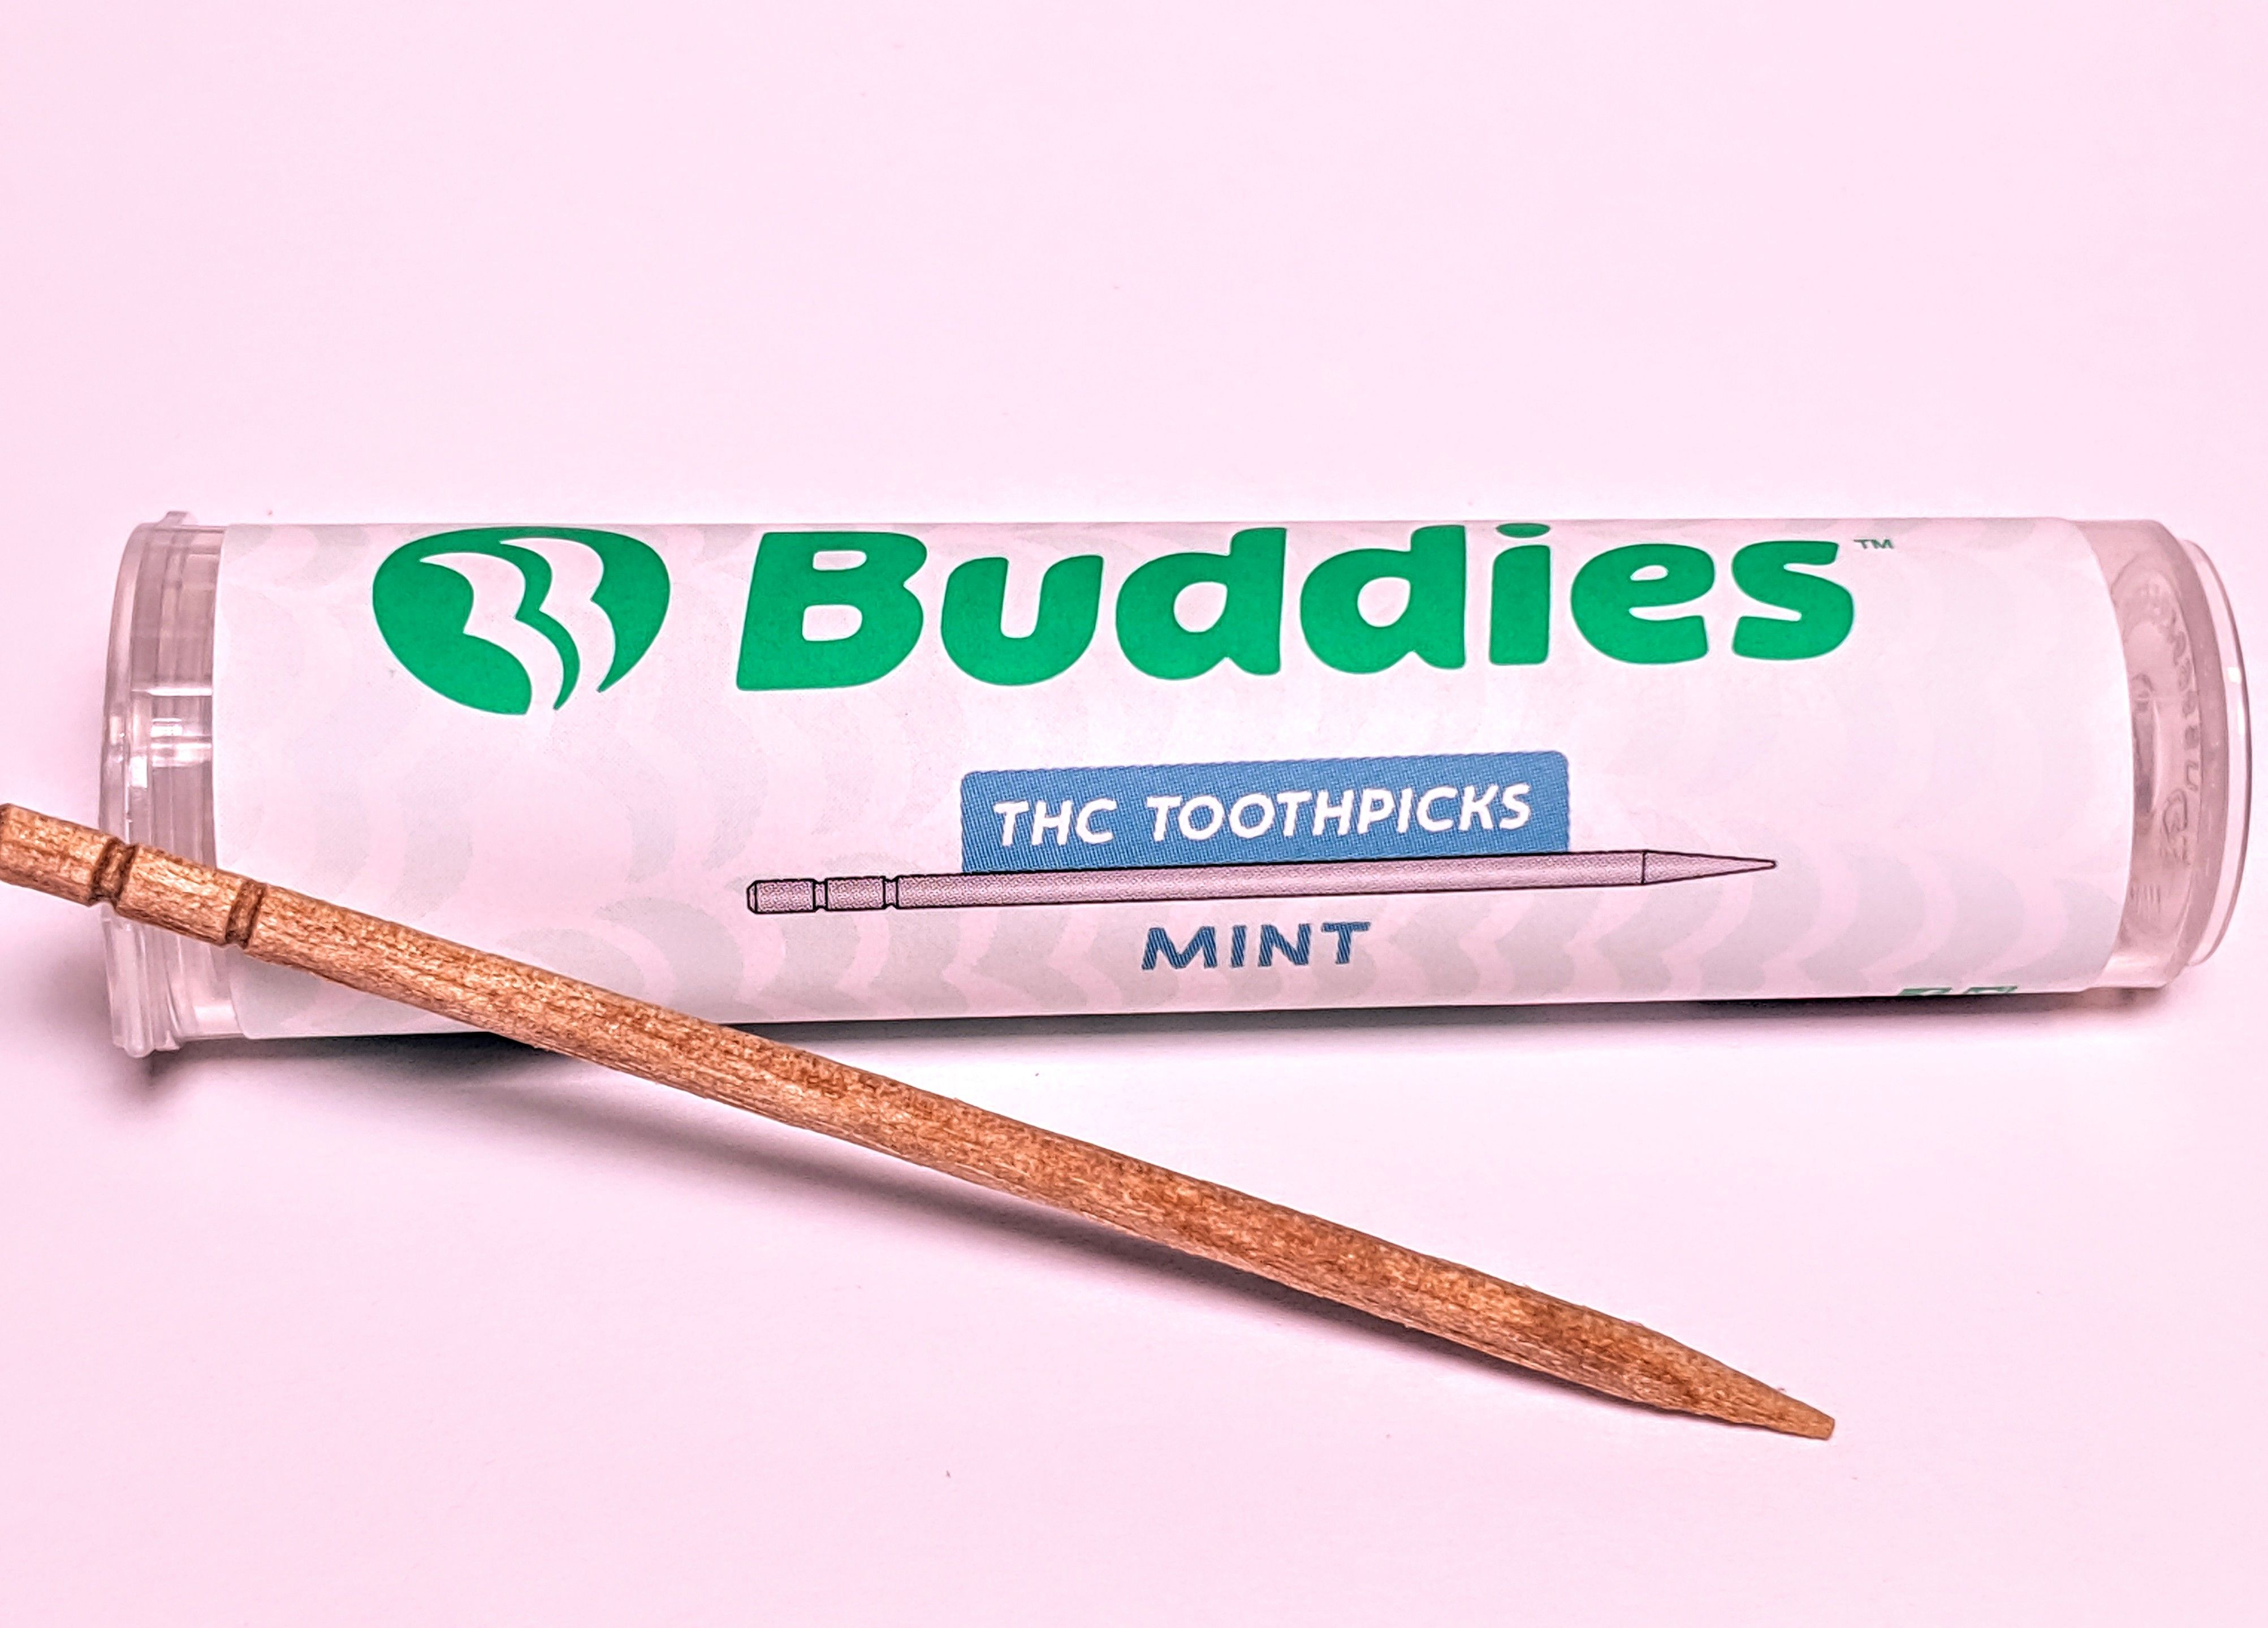 Buddies - Mint THC Toothpick